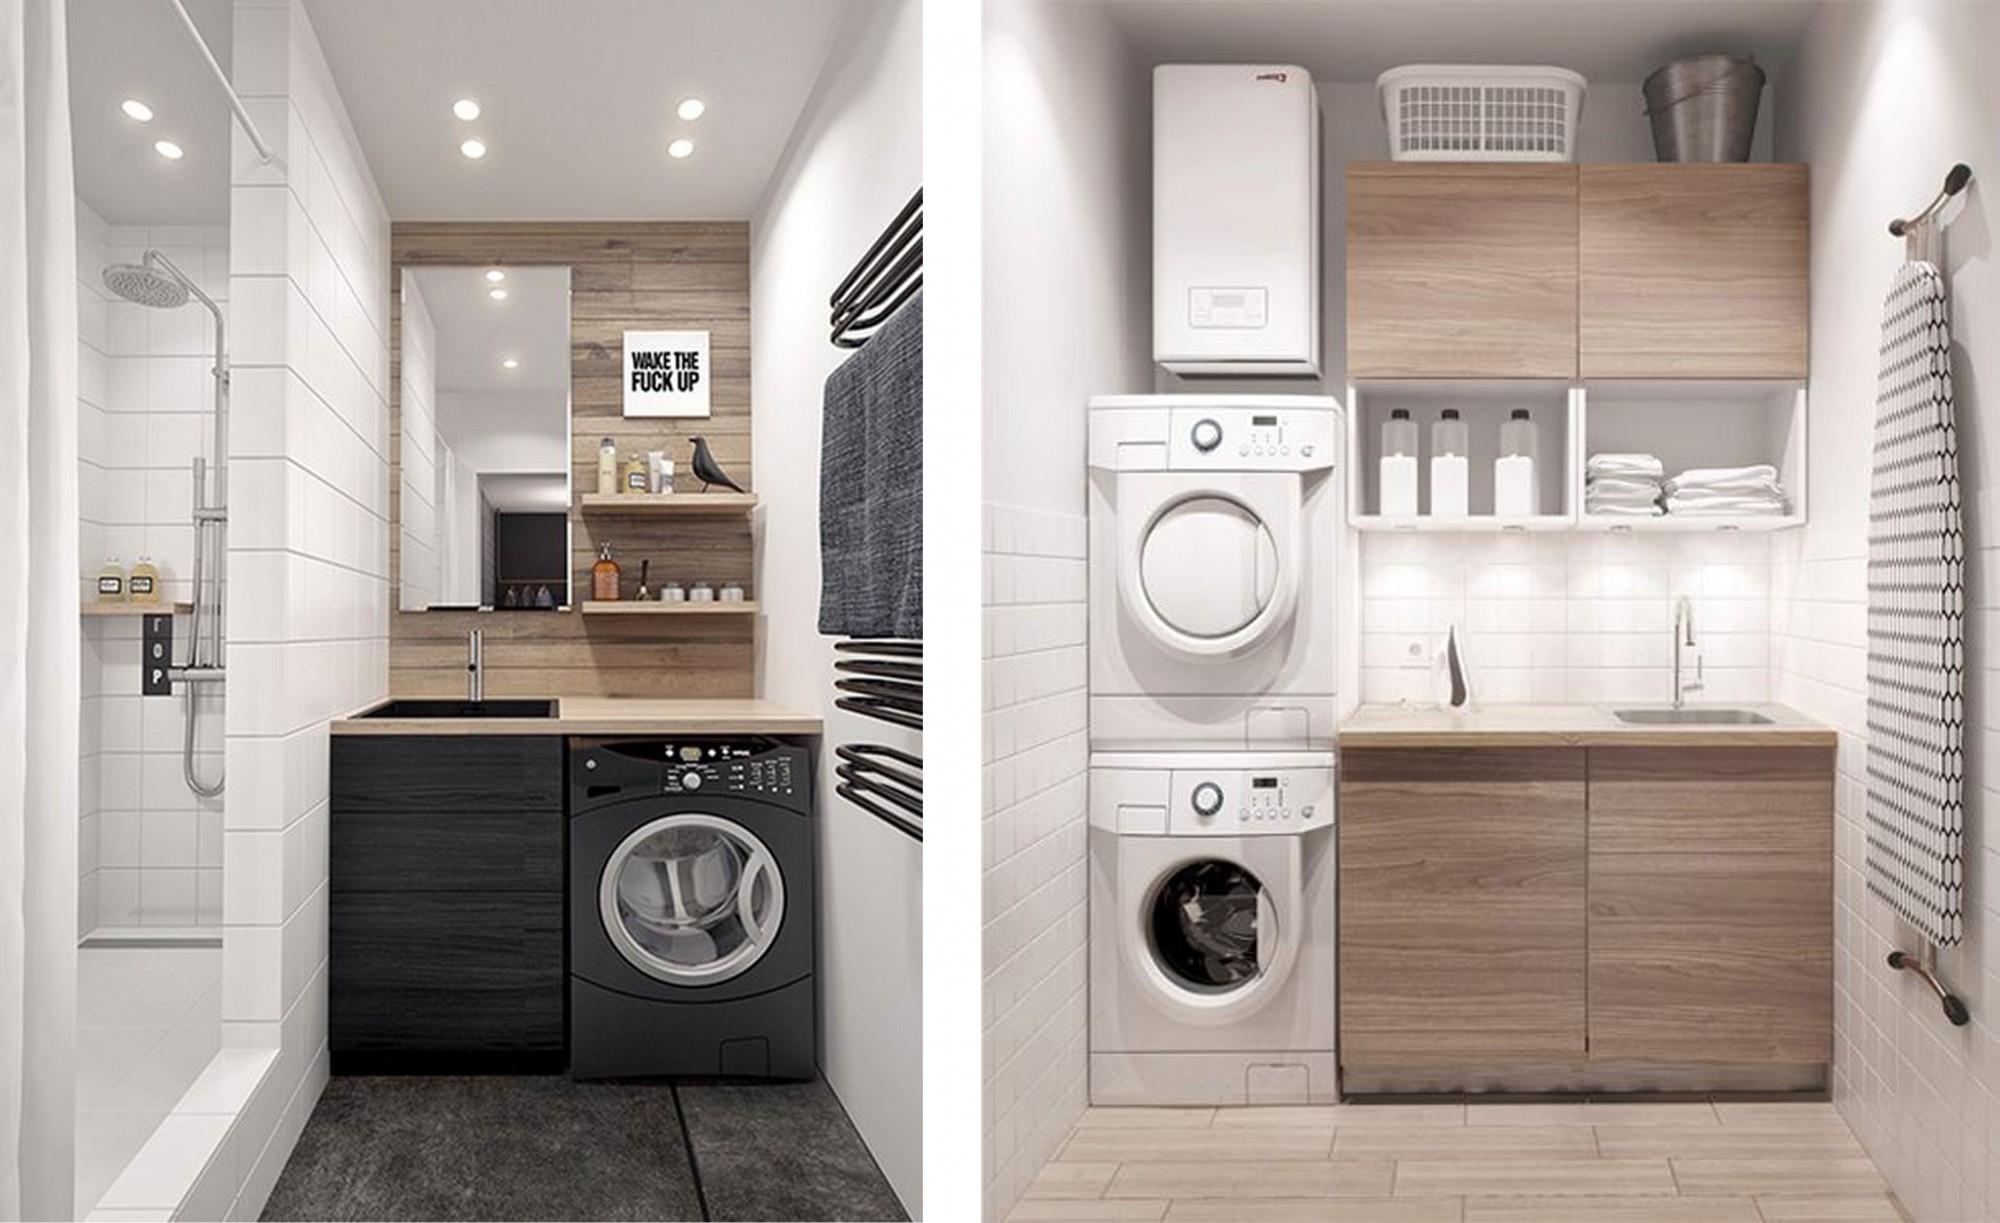 La lavanderia come organizzare lo spazio pi funzionale for Lavasciuga 45 cm